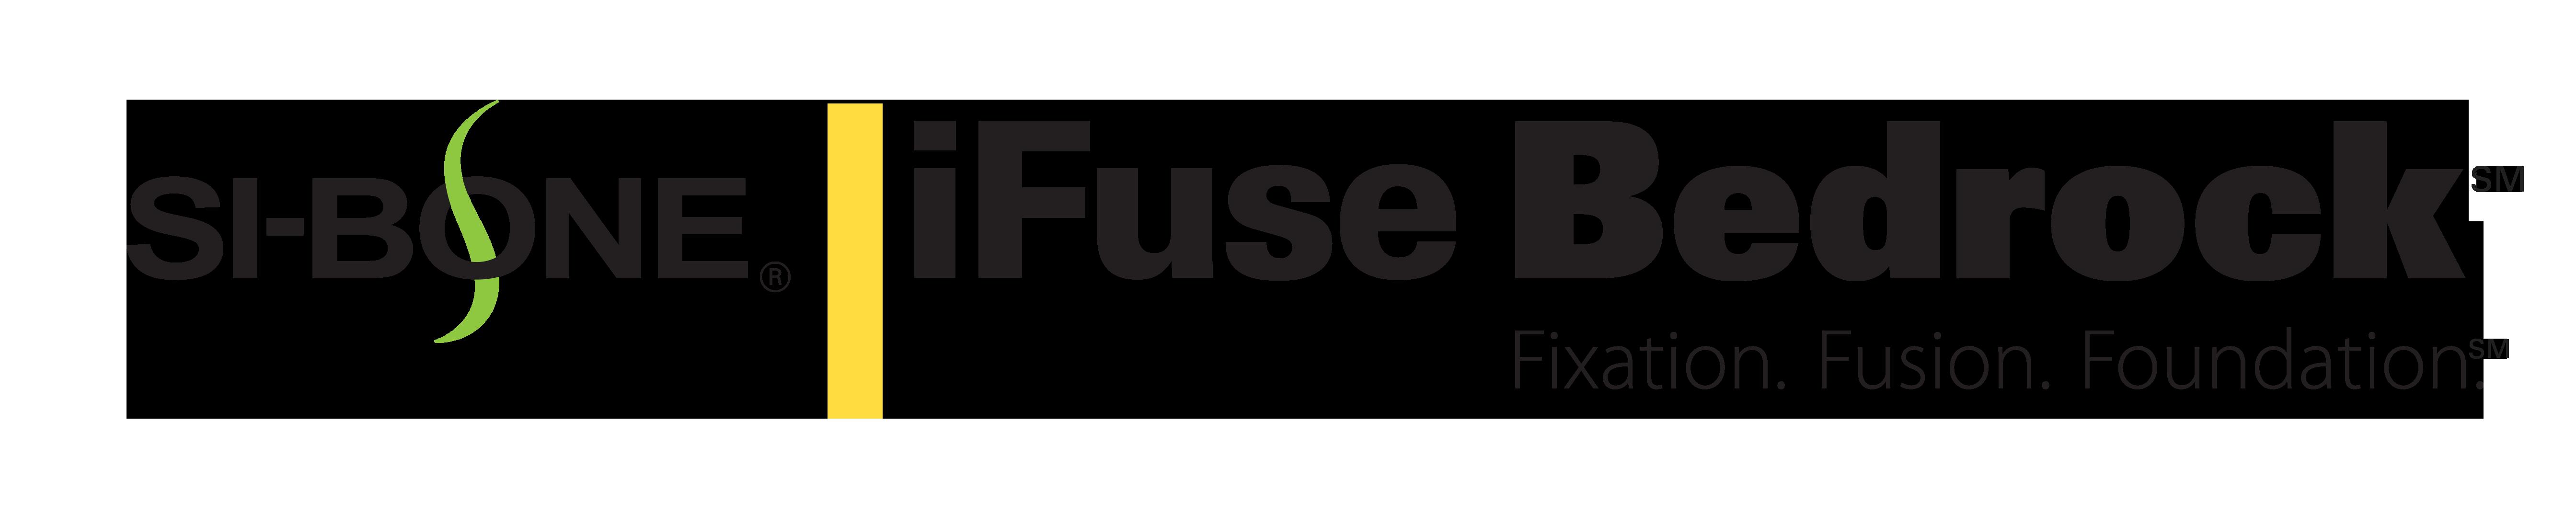 iFuse Bedrock Logo